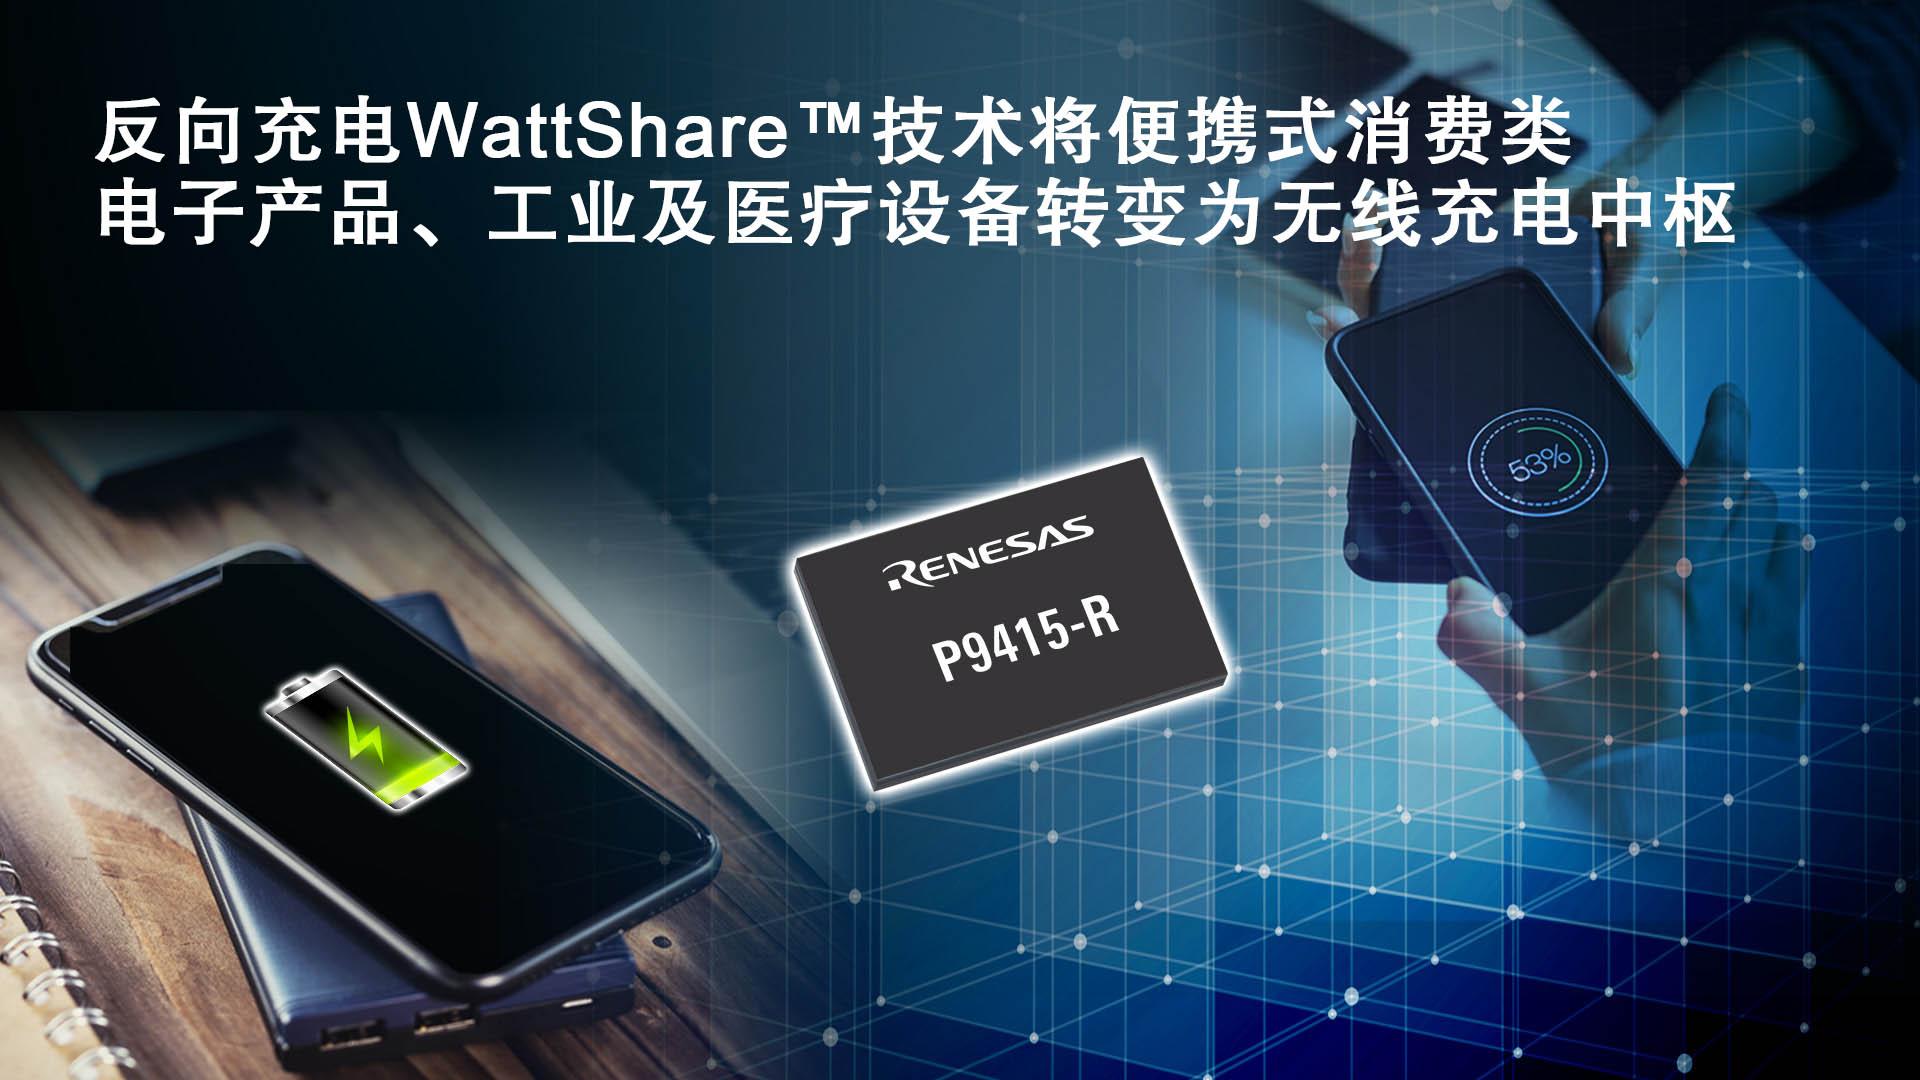 瑞萨电子推出具备反向充电WattShare TRx模式的15W无线充电电源P9415-R接收器,扩展无线电源产